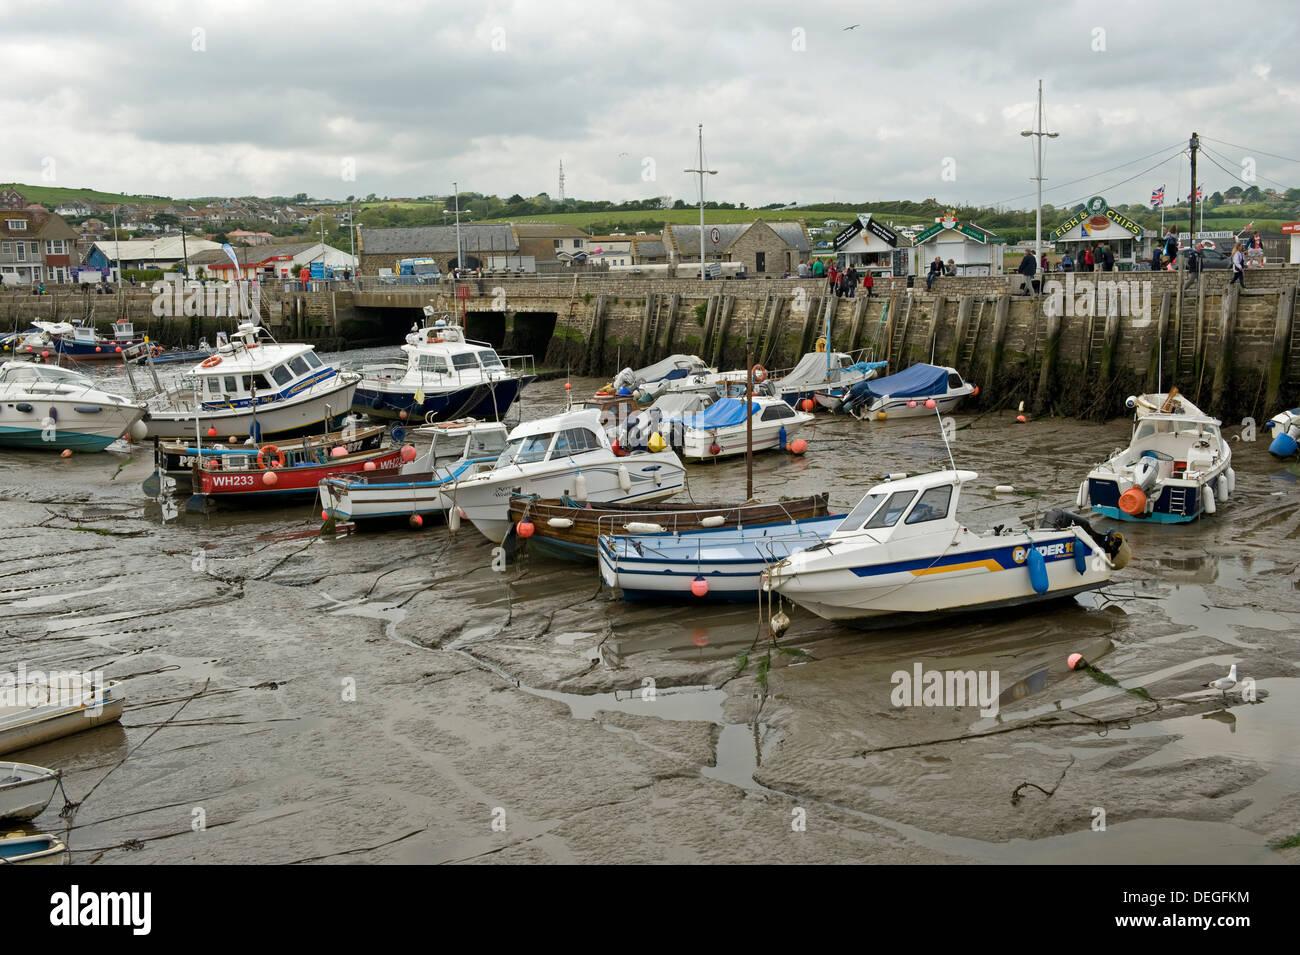 La pesca e le imbarcazioni da diporto in appoggio sul fango a bassa marea in West Bay Harbour, vicino a Bridport in Dorset, può Immagini Stock